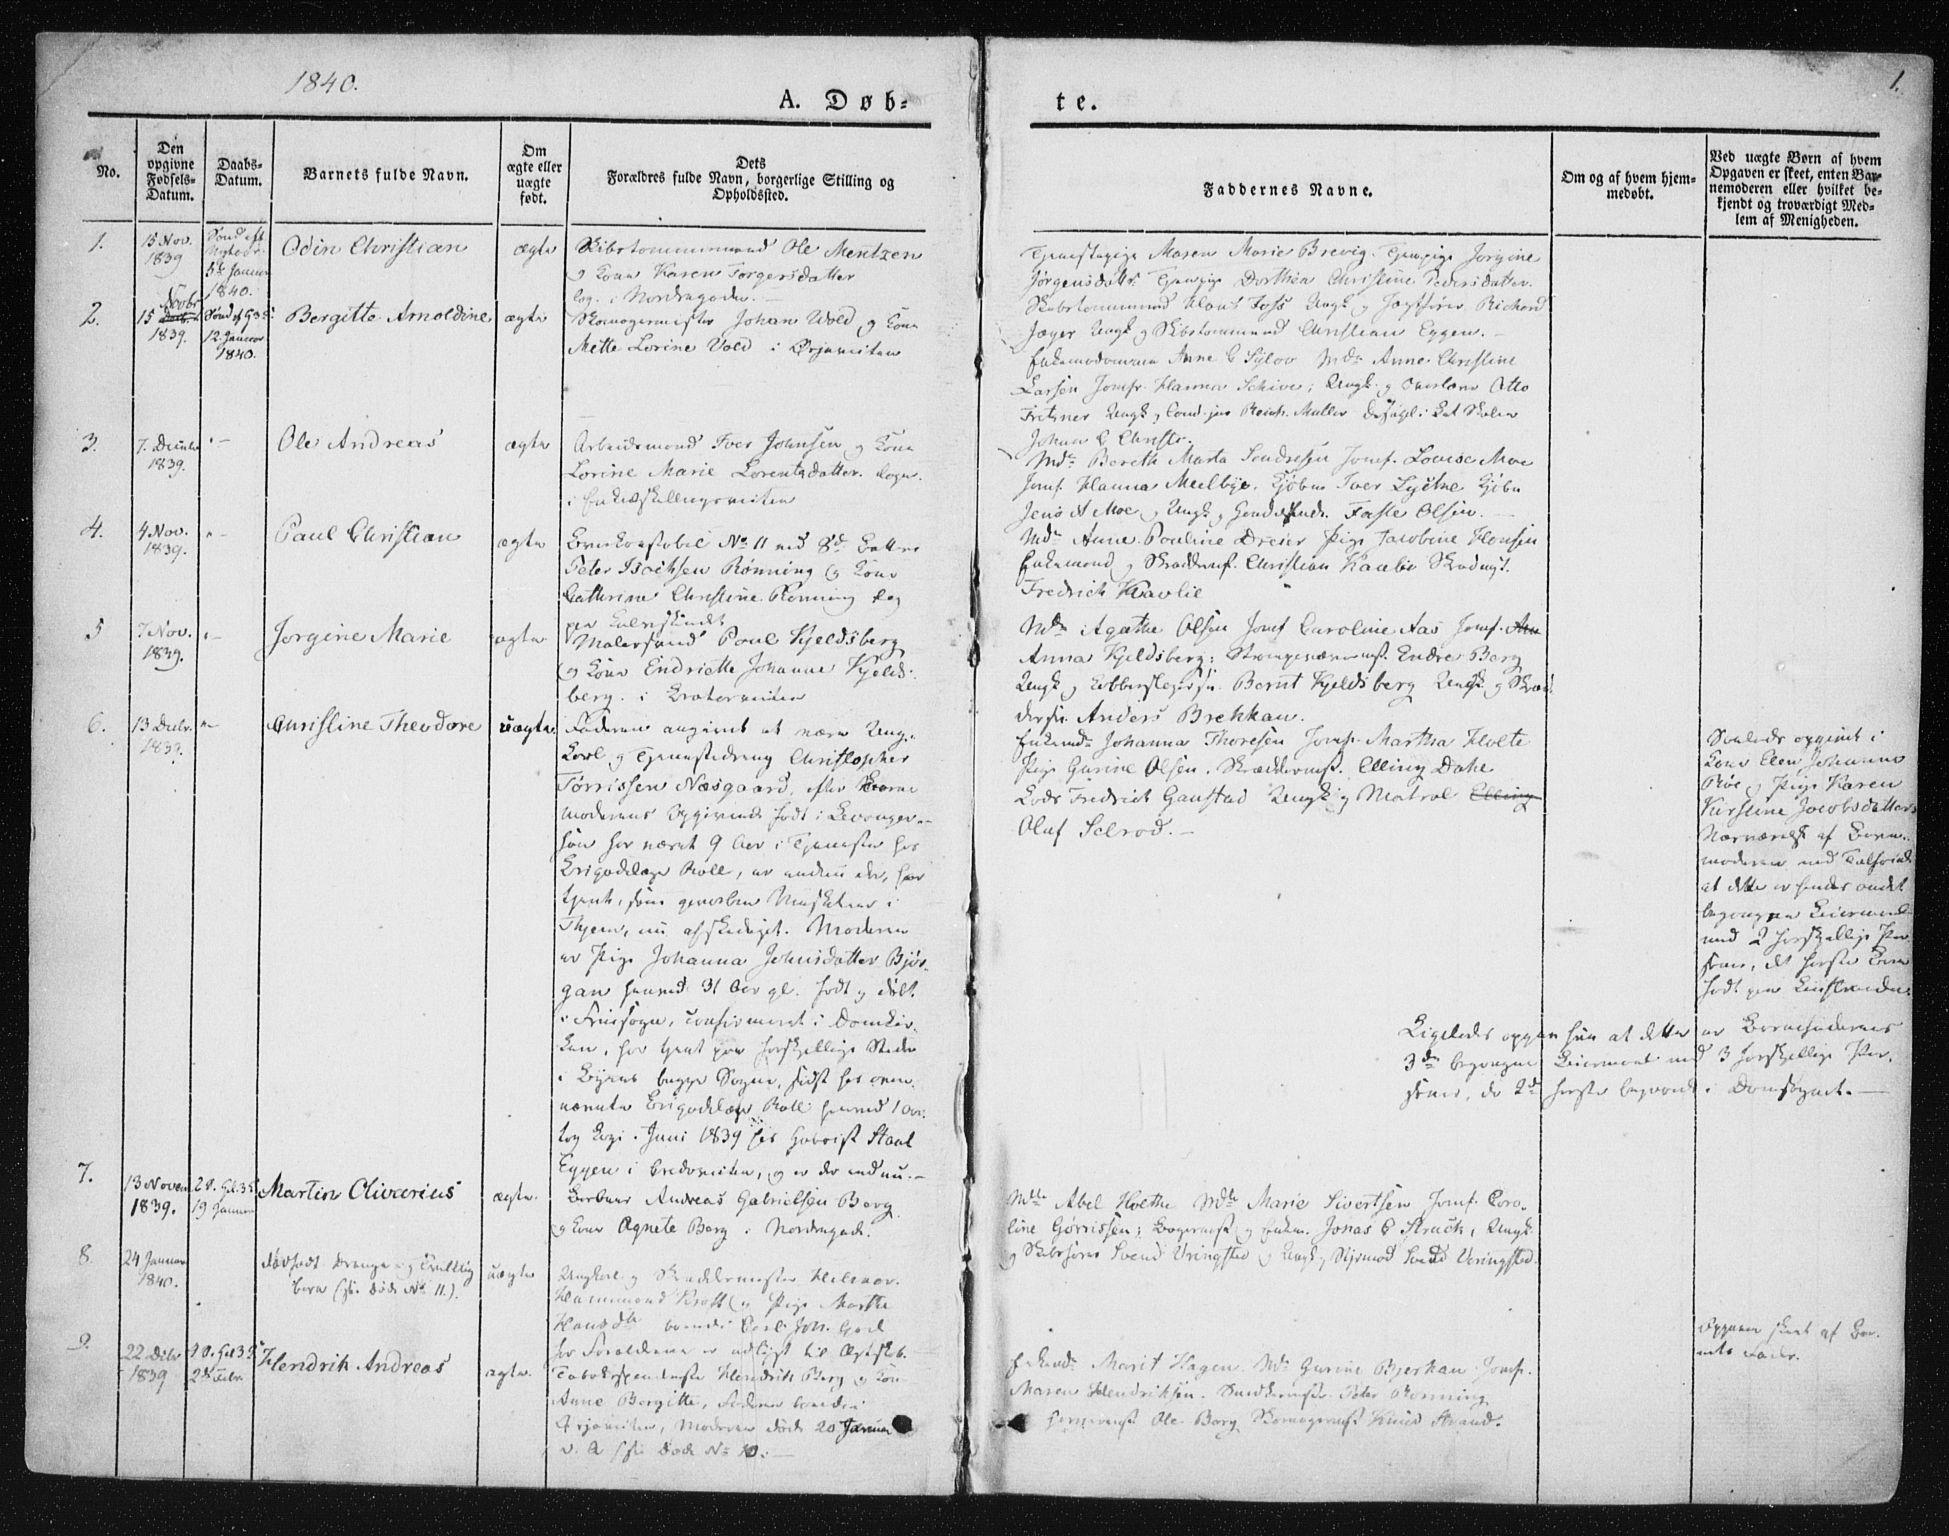 SAT, Ministerialprotokoller, klokkerbøker og fødselsregistre - Sør-Trøndelag, 602/L0110: Ministerialbok nr. 602A08, 1840-1854, s. 1